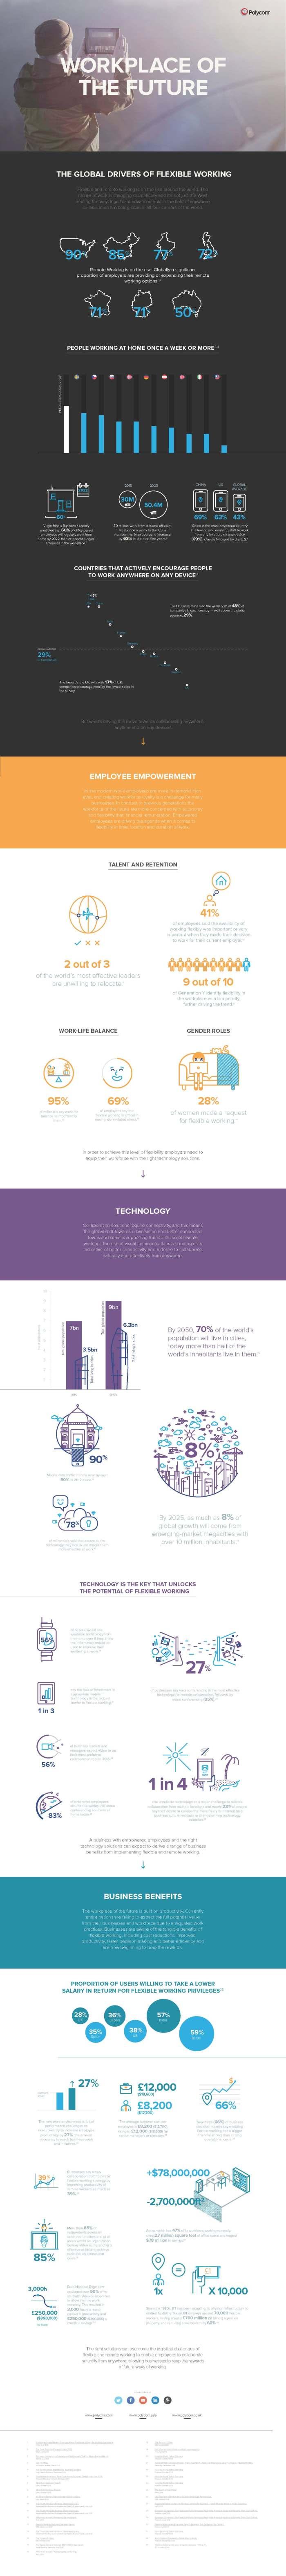 Polycom WOTF infographic